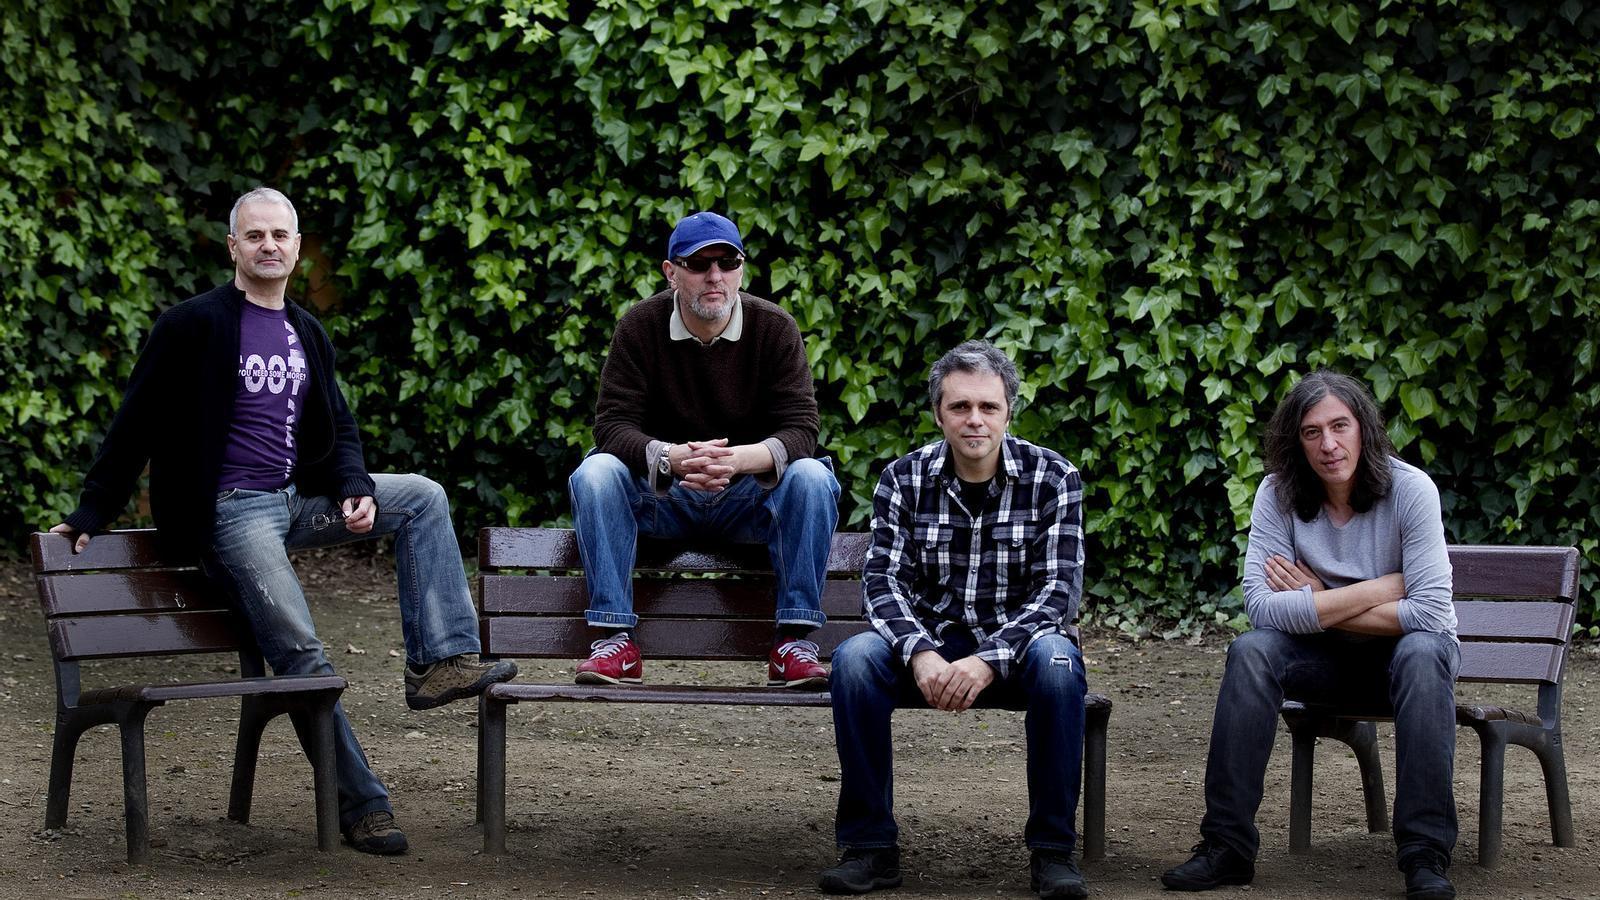 Josep Bosch, Francesc 'Cuco' Lisicic, Josep Thió i Gerard Quintana tenen moltes ganes de tornar a pujar a un escenari junts. / PERE TORDERA